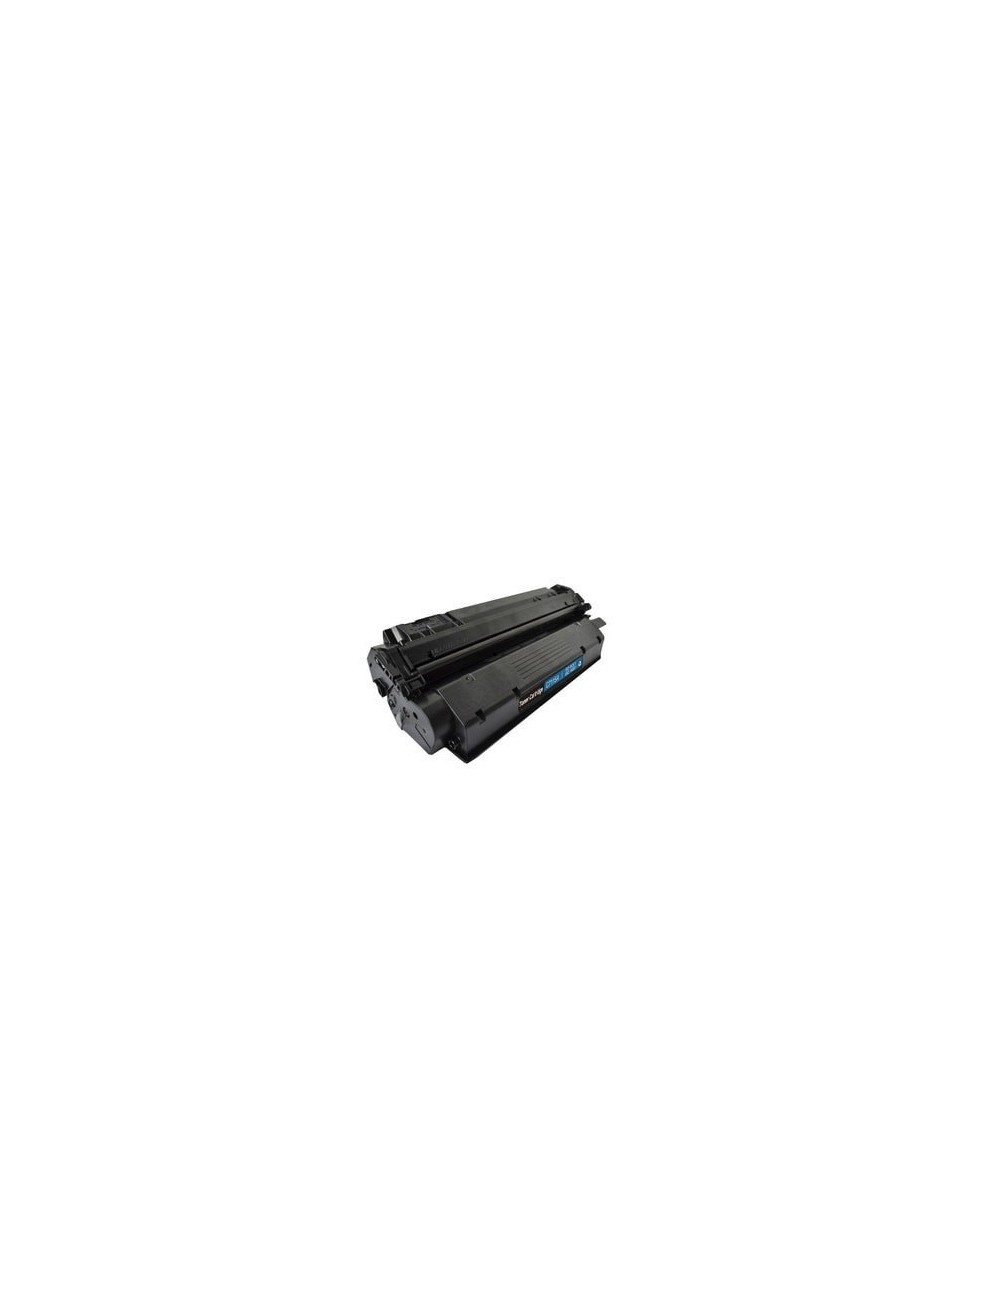 Συμβατό Τόνερ HP LJ 1300/1300N Q2613A